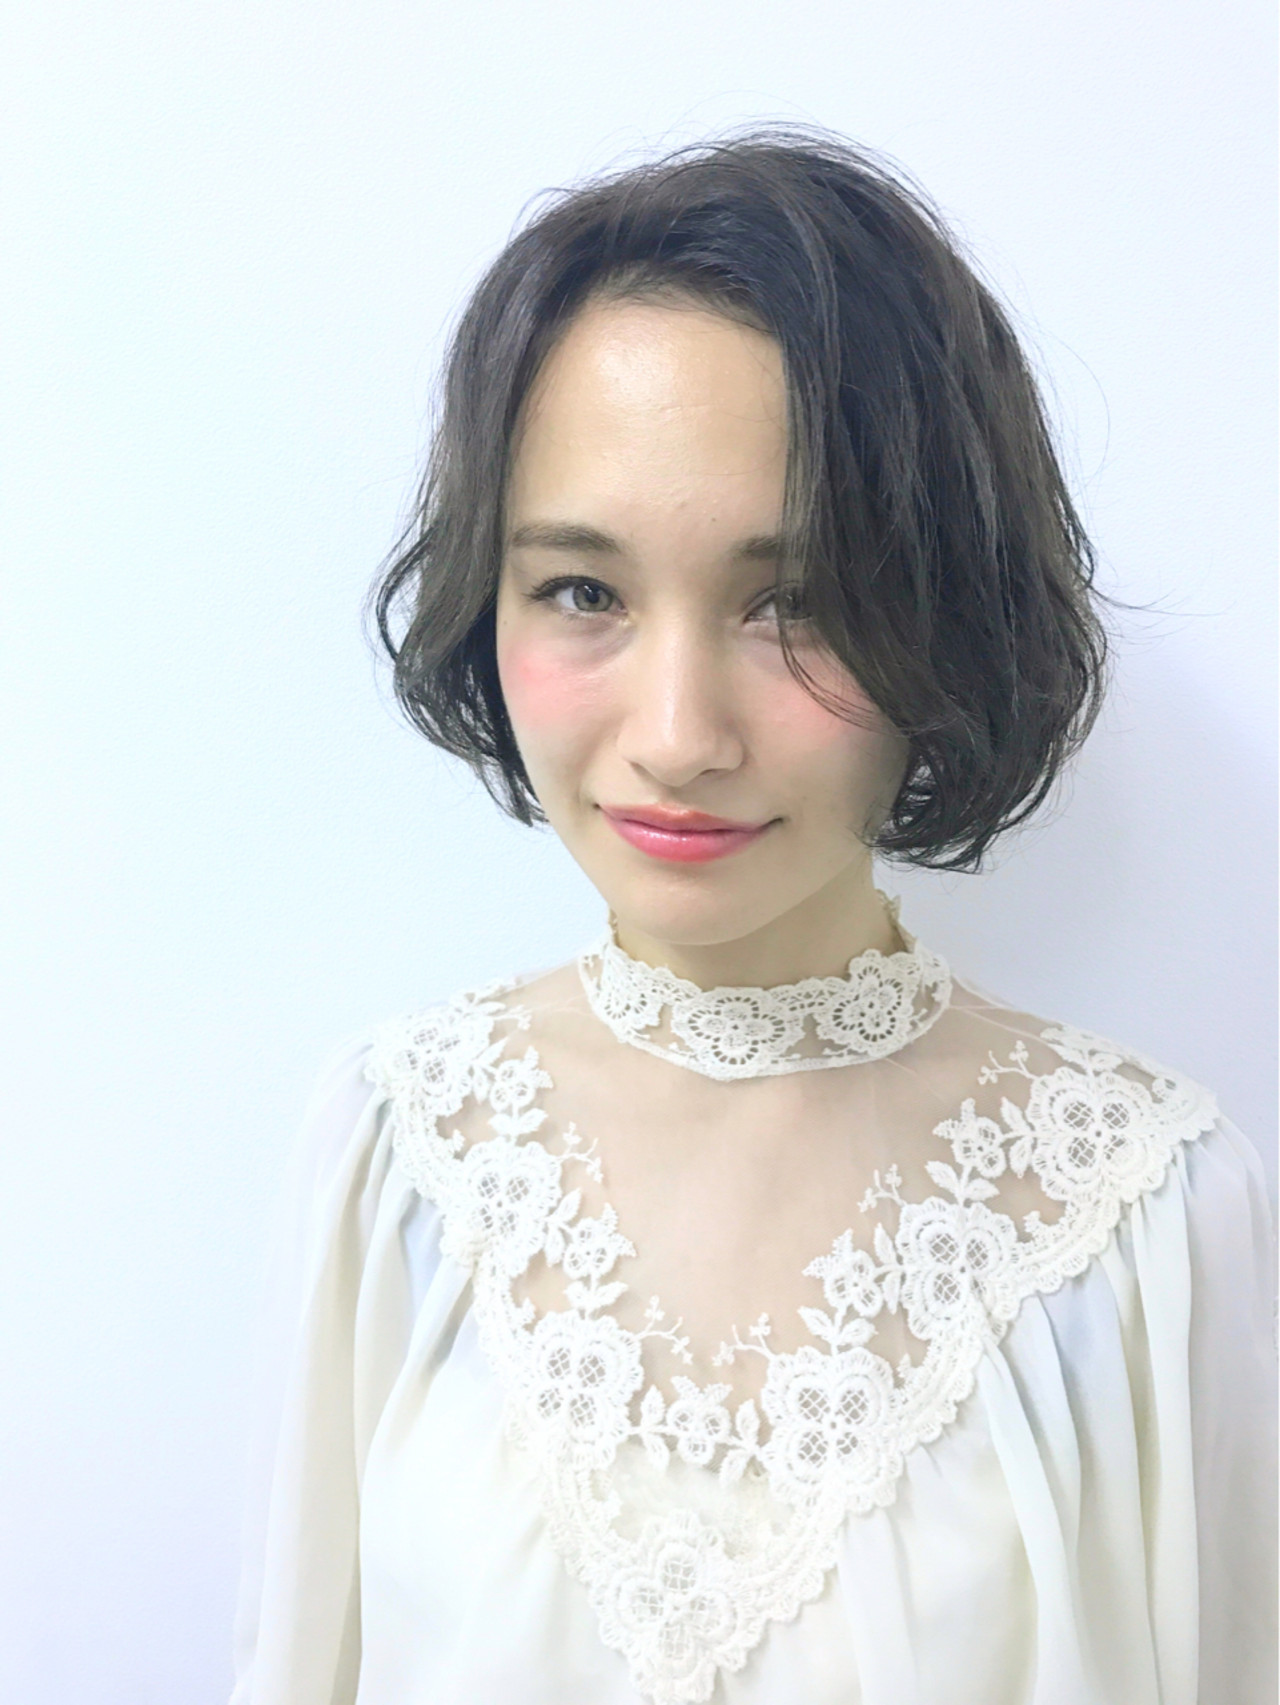 幼いなんて言わせない!丸顔さんに似合うショートボブとは 斎藤 菜穂